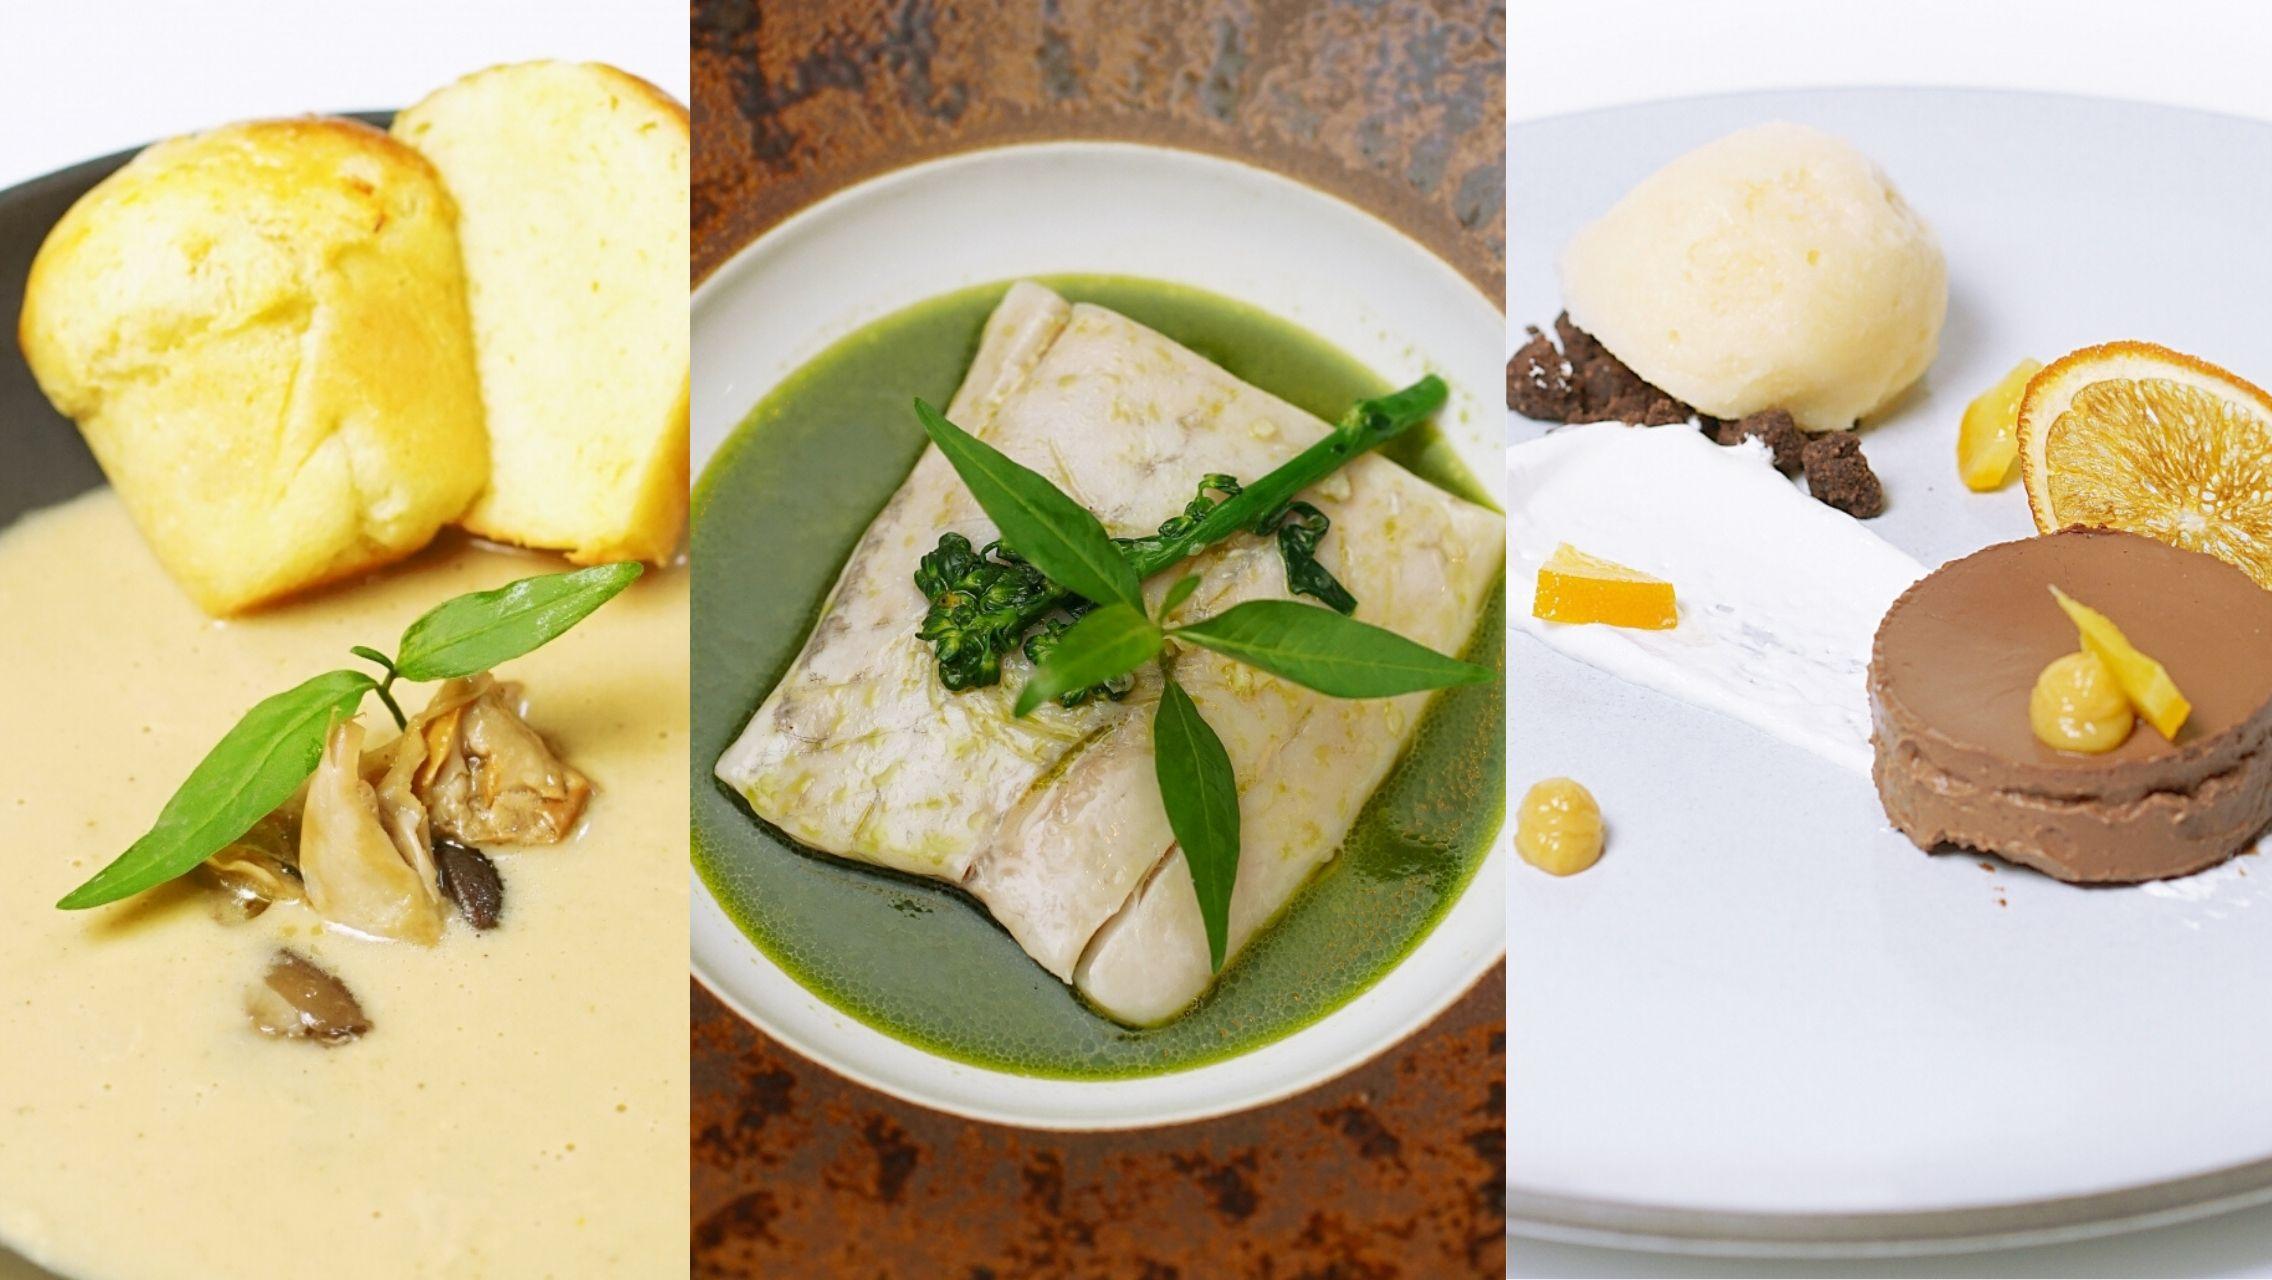 Chef Chris Salans hadirkan Dine at Home untuk Pecinta Kuliner di Bali